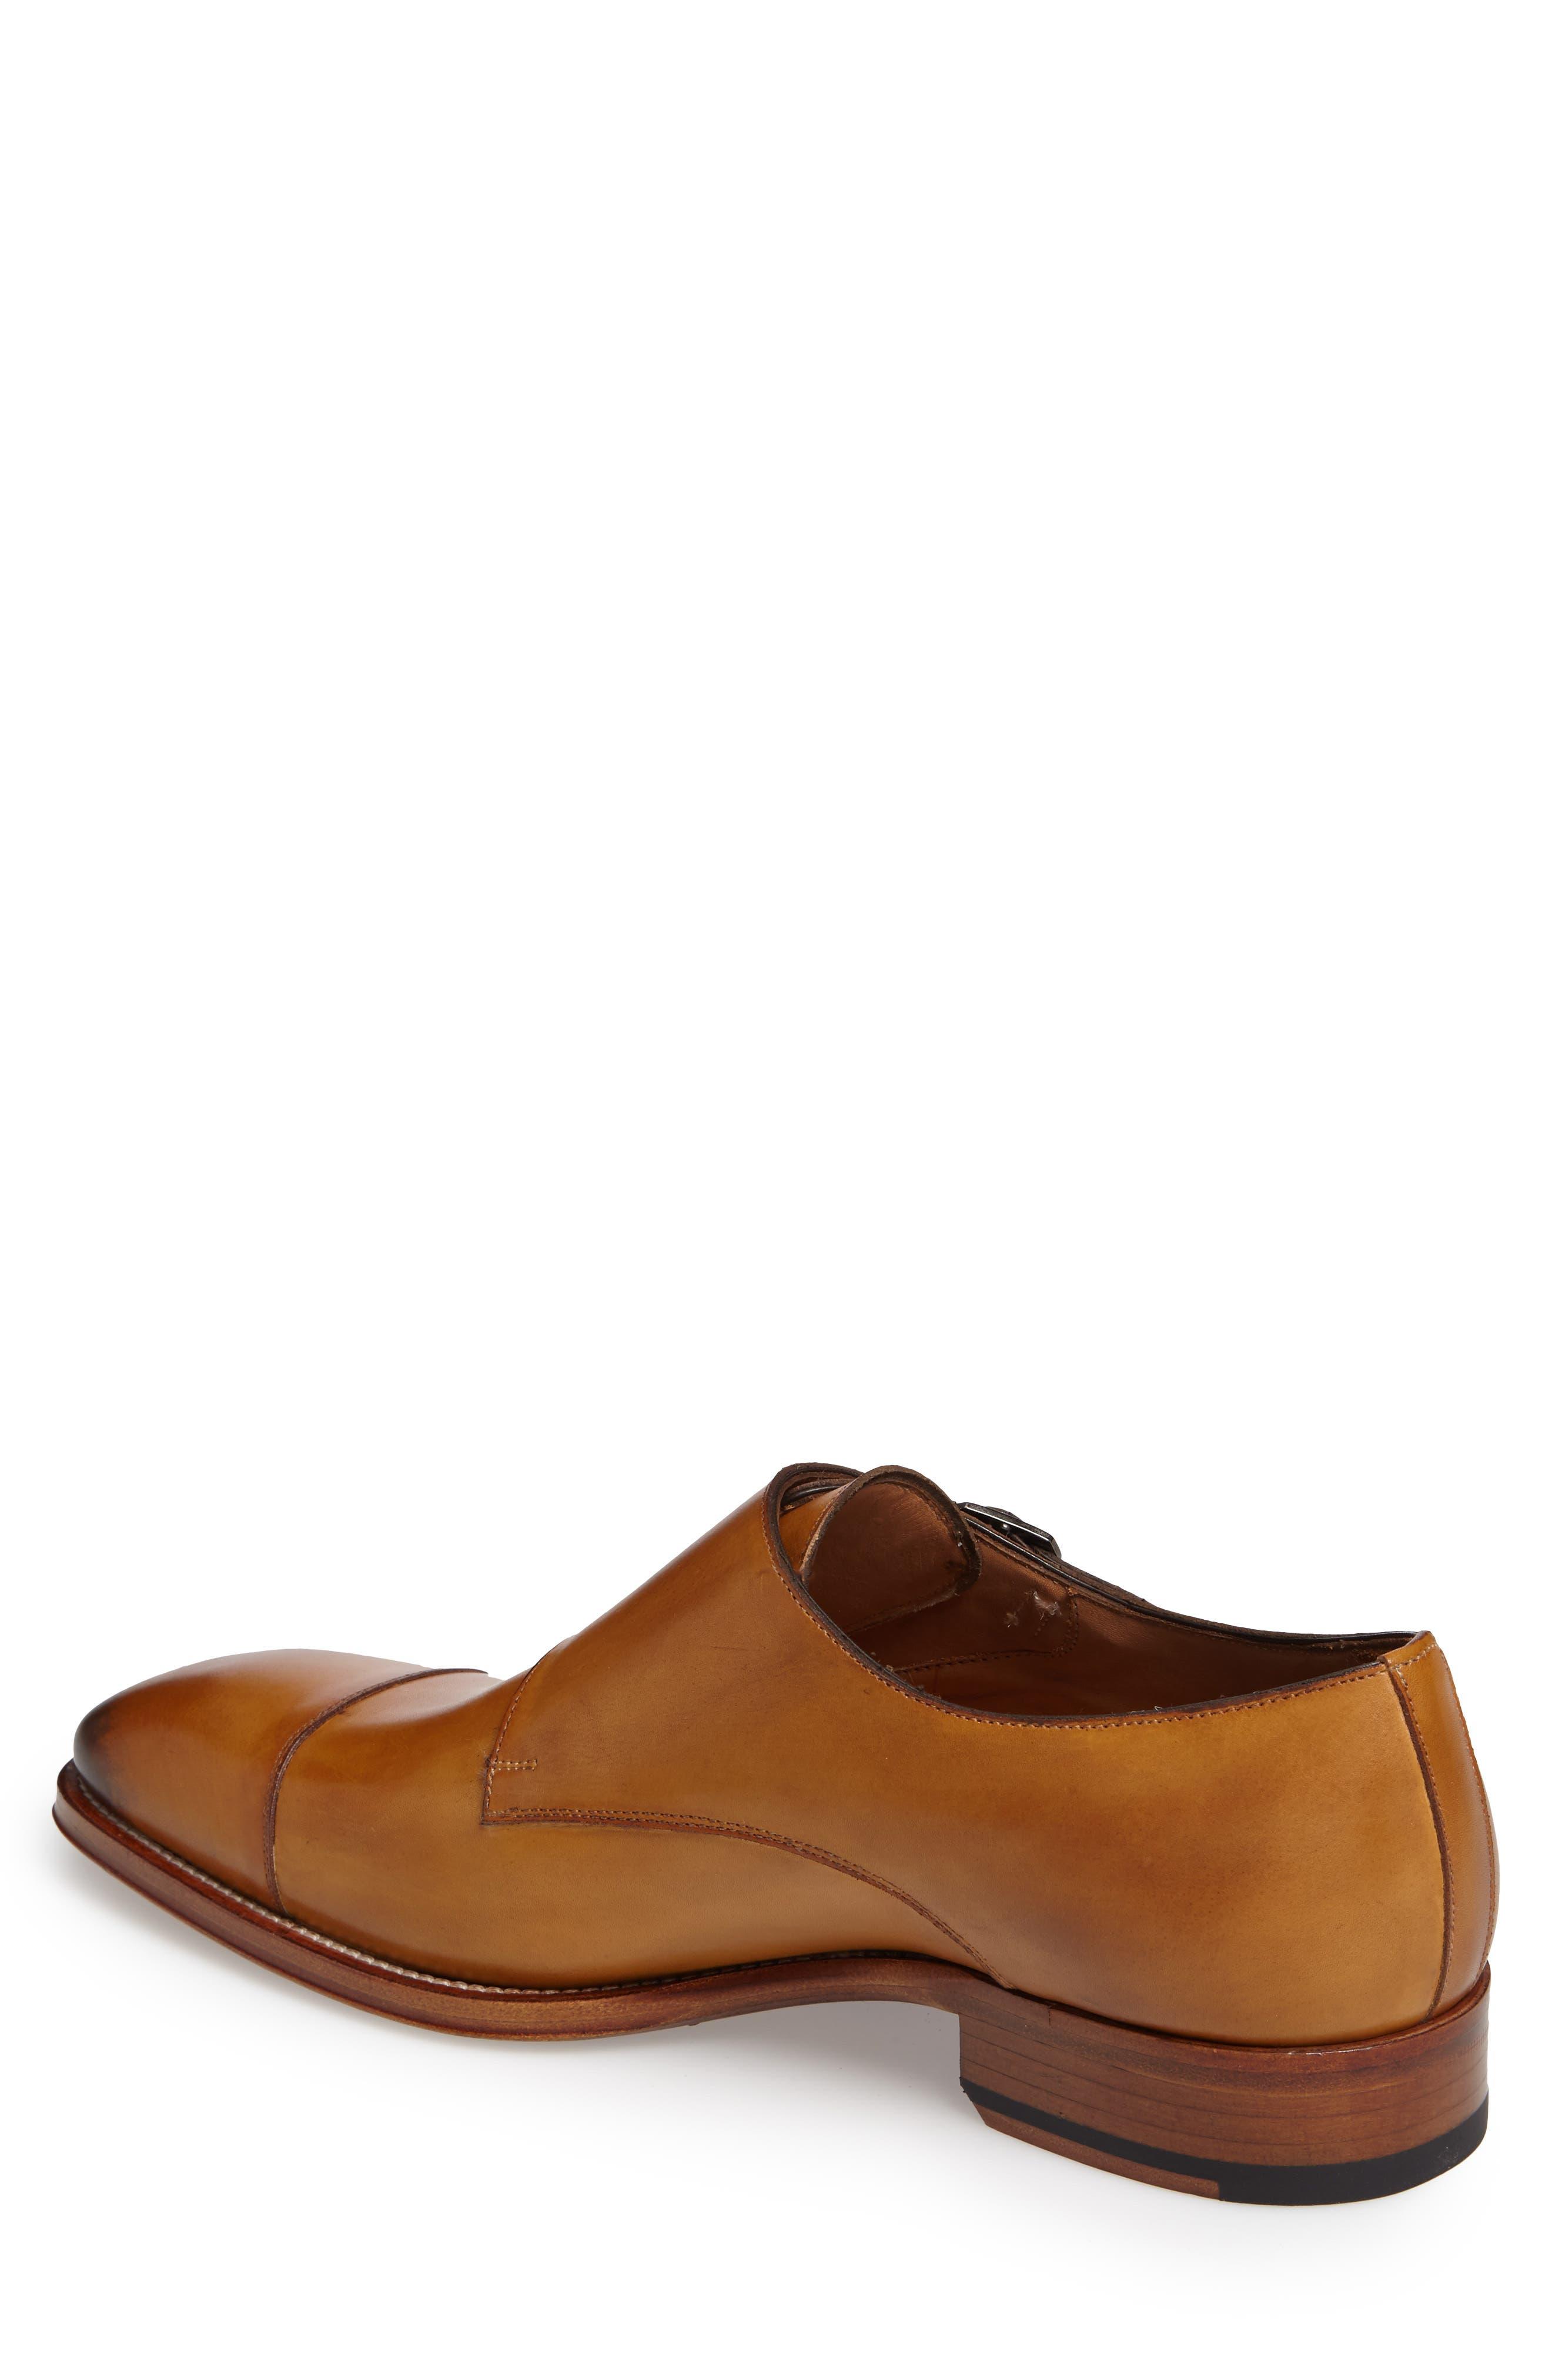 Cajal Double Monk Strap Cap Toe Shoe,                             Alternate thumbnail 8, color,